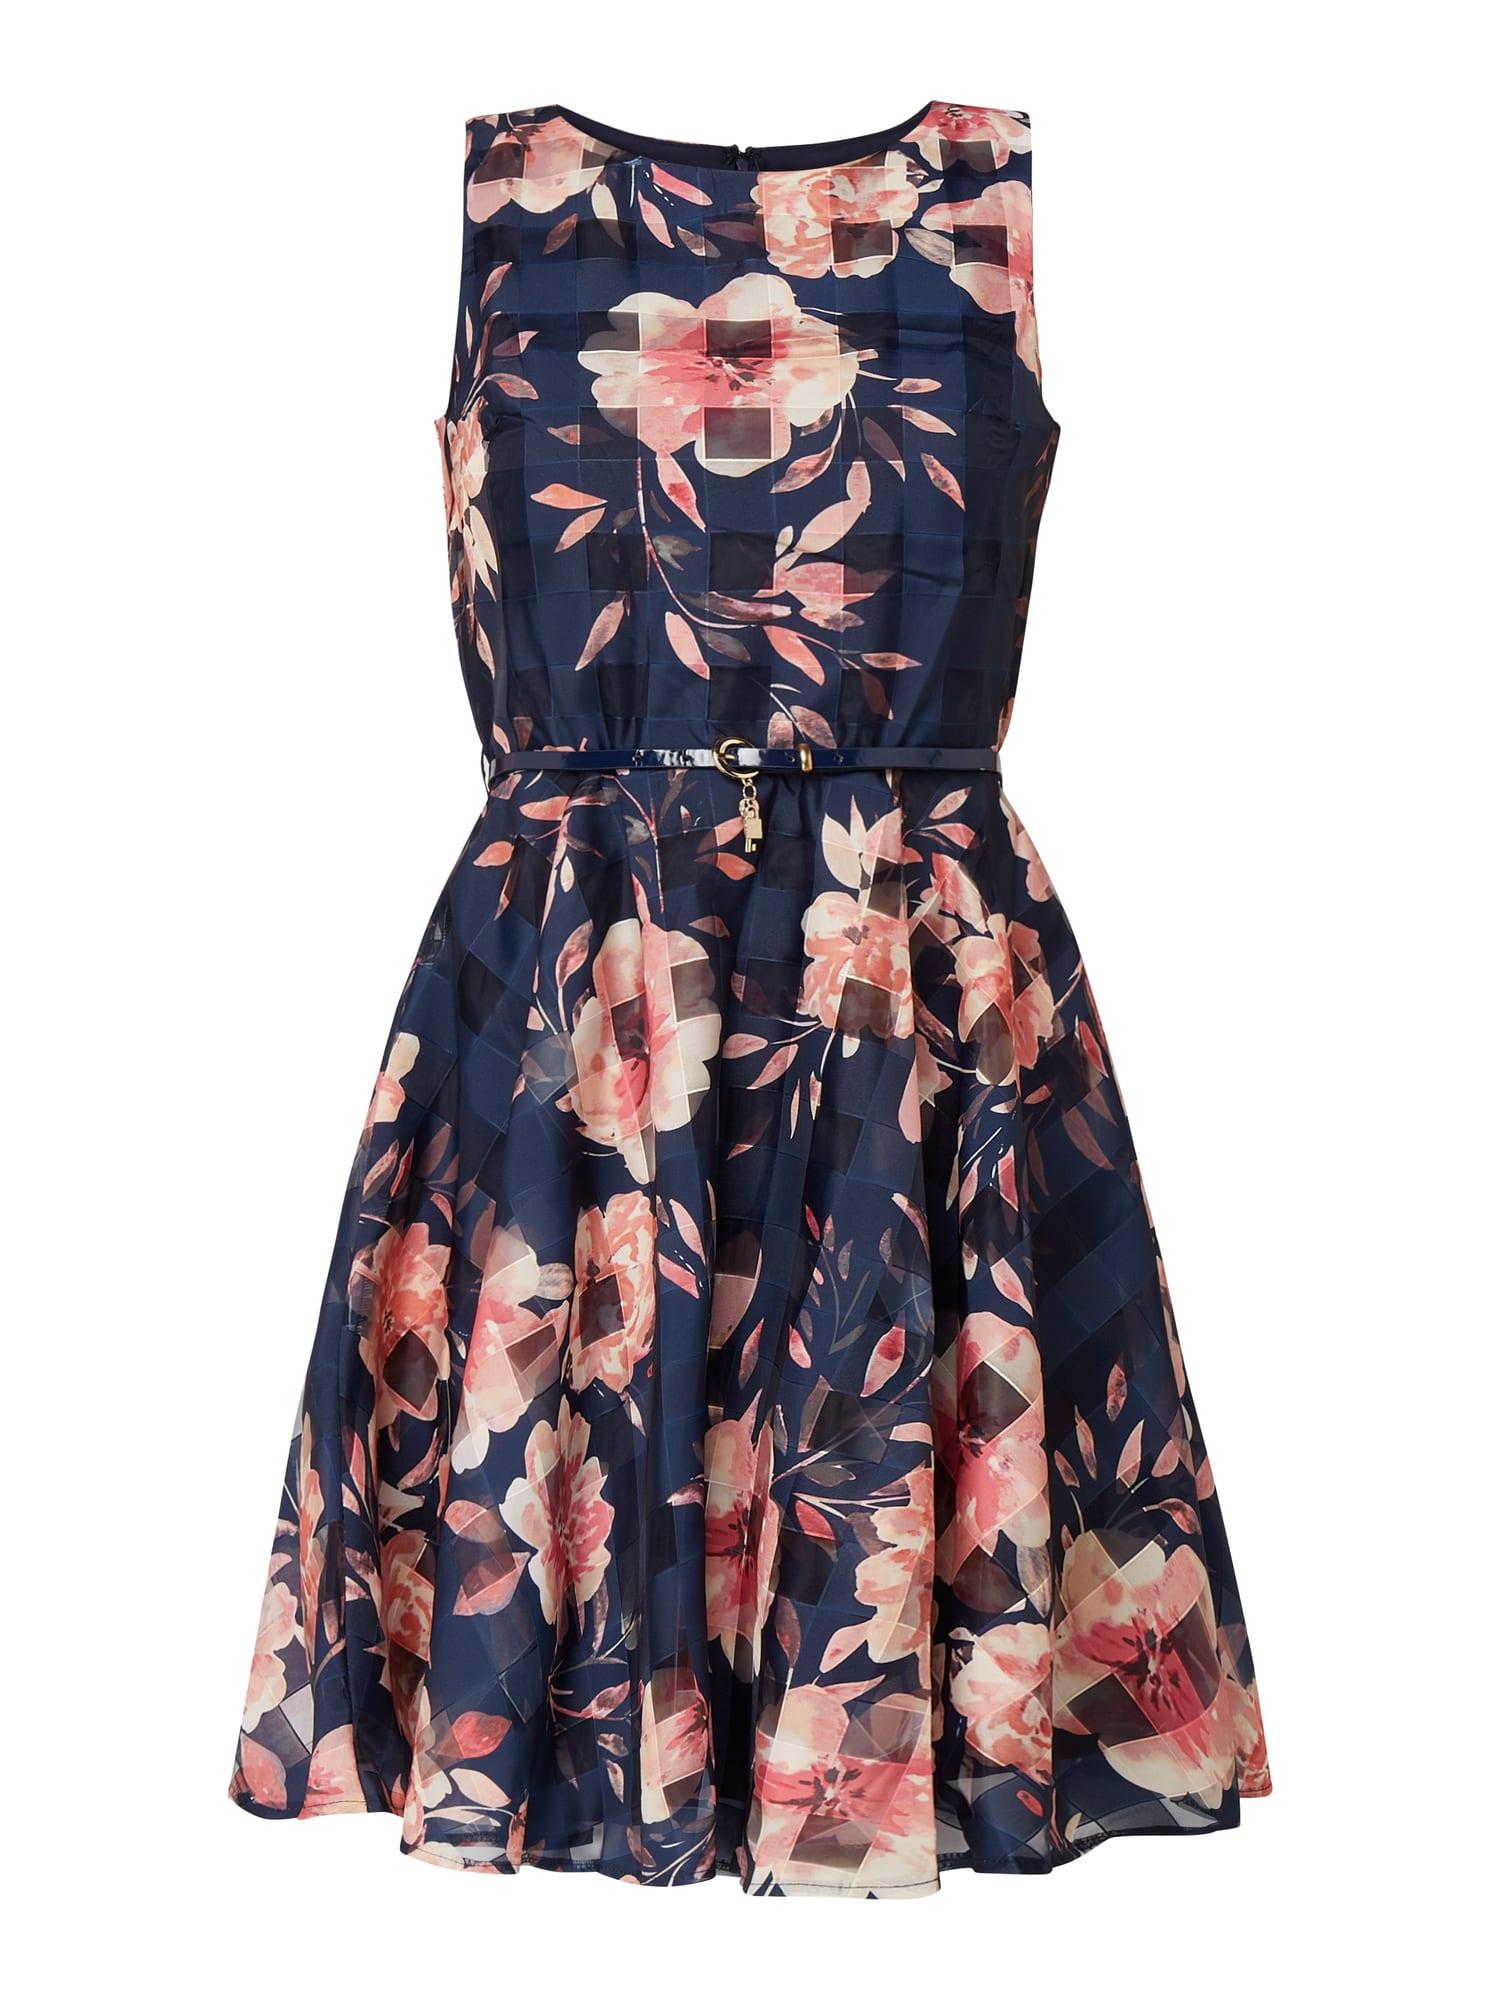 Apricot Kleid Aus Taft Und Organza In Blau / Türkis Online